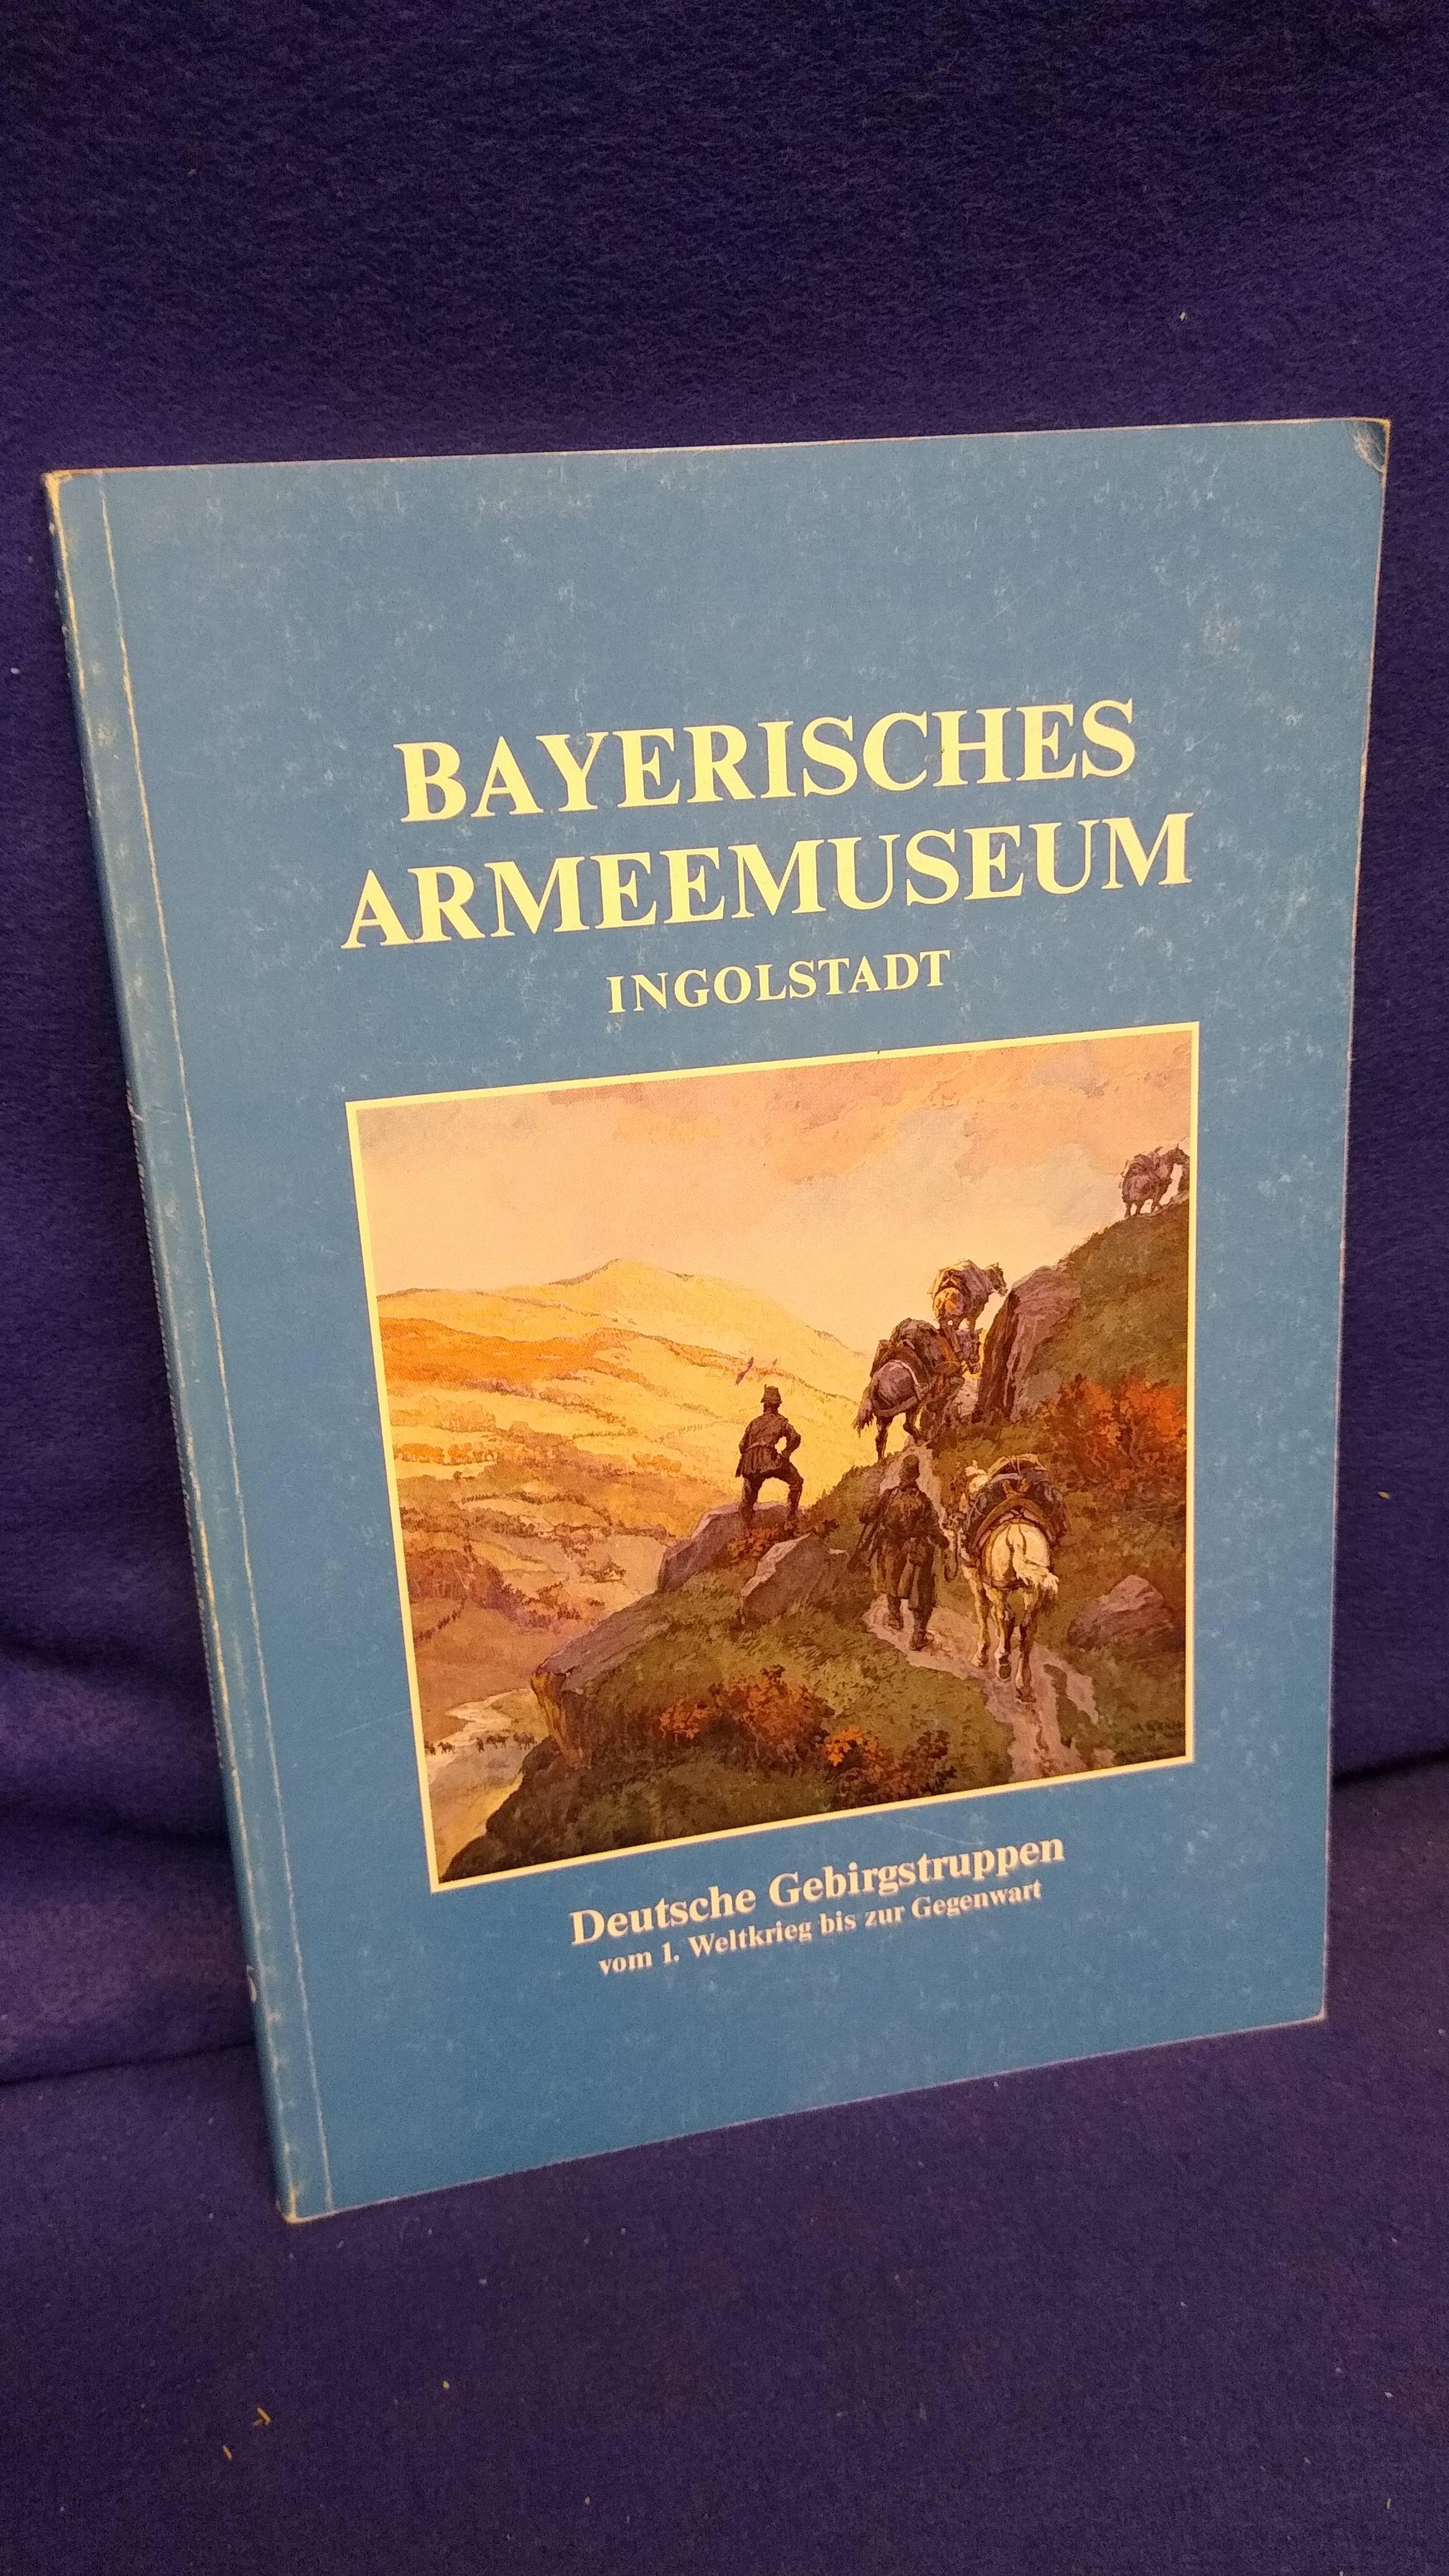 Sonderausstellung. Deutsche Gebirgstruppen vom 1. Weltkrieg bis zur Gegenwart.